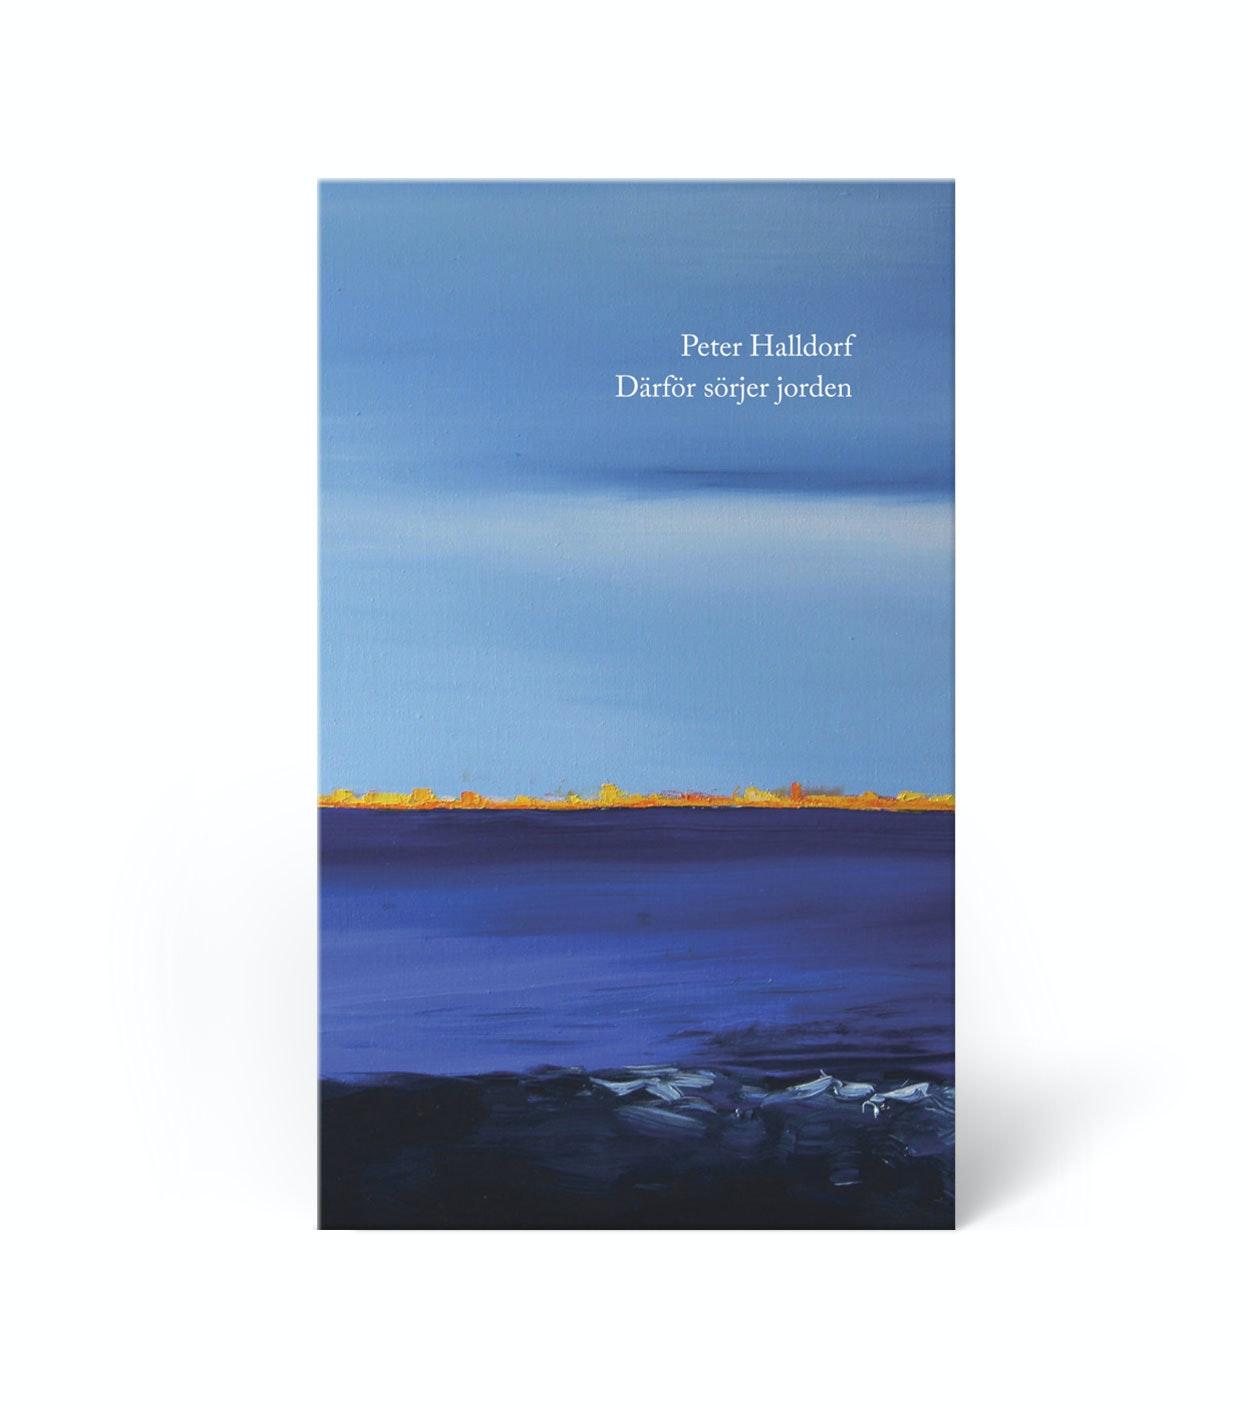 Bokcirkel om: Därför sörjer jorden, av Peter Halldorf